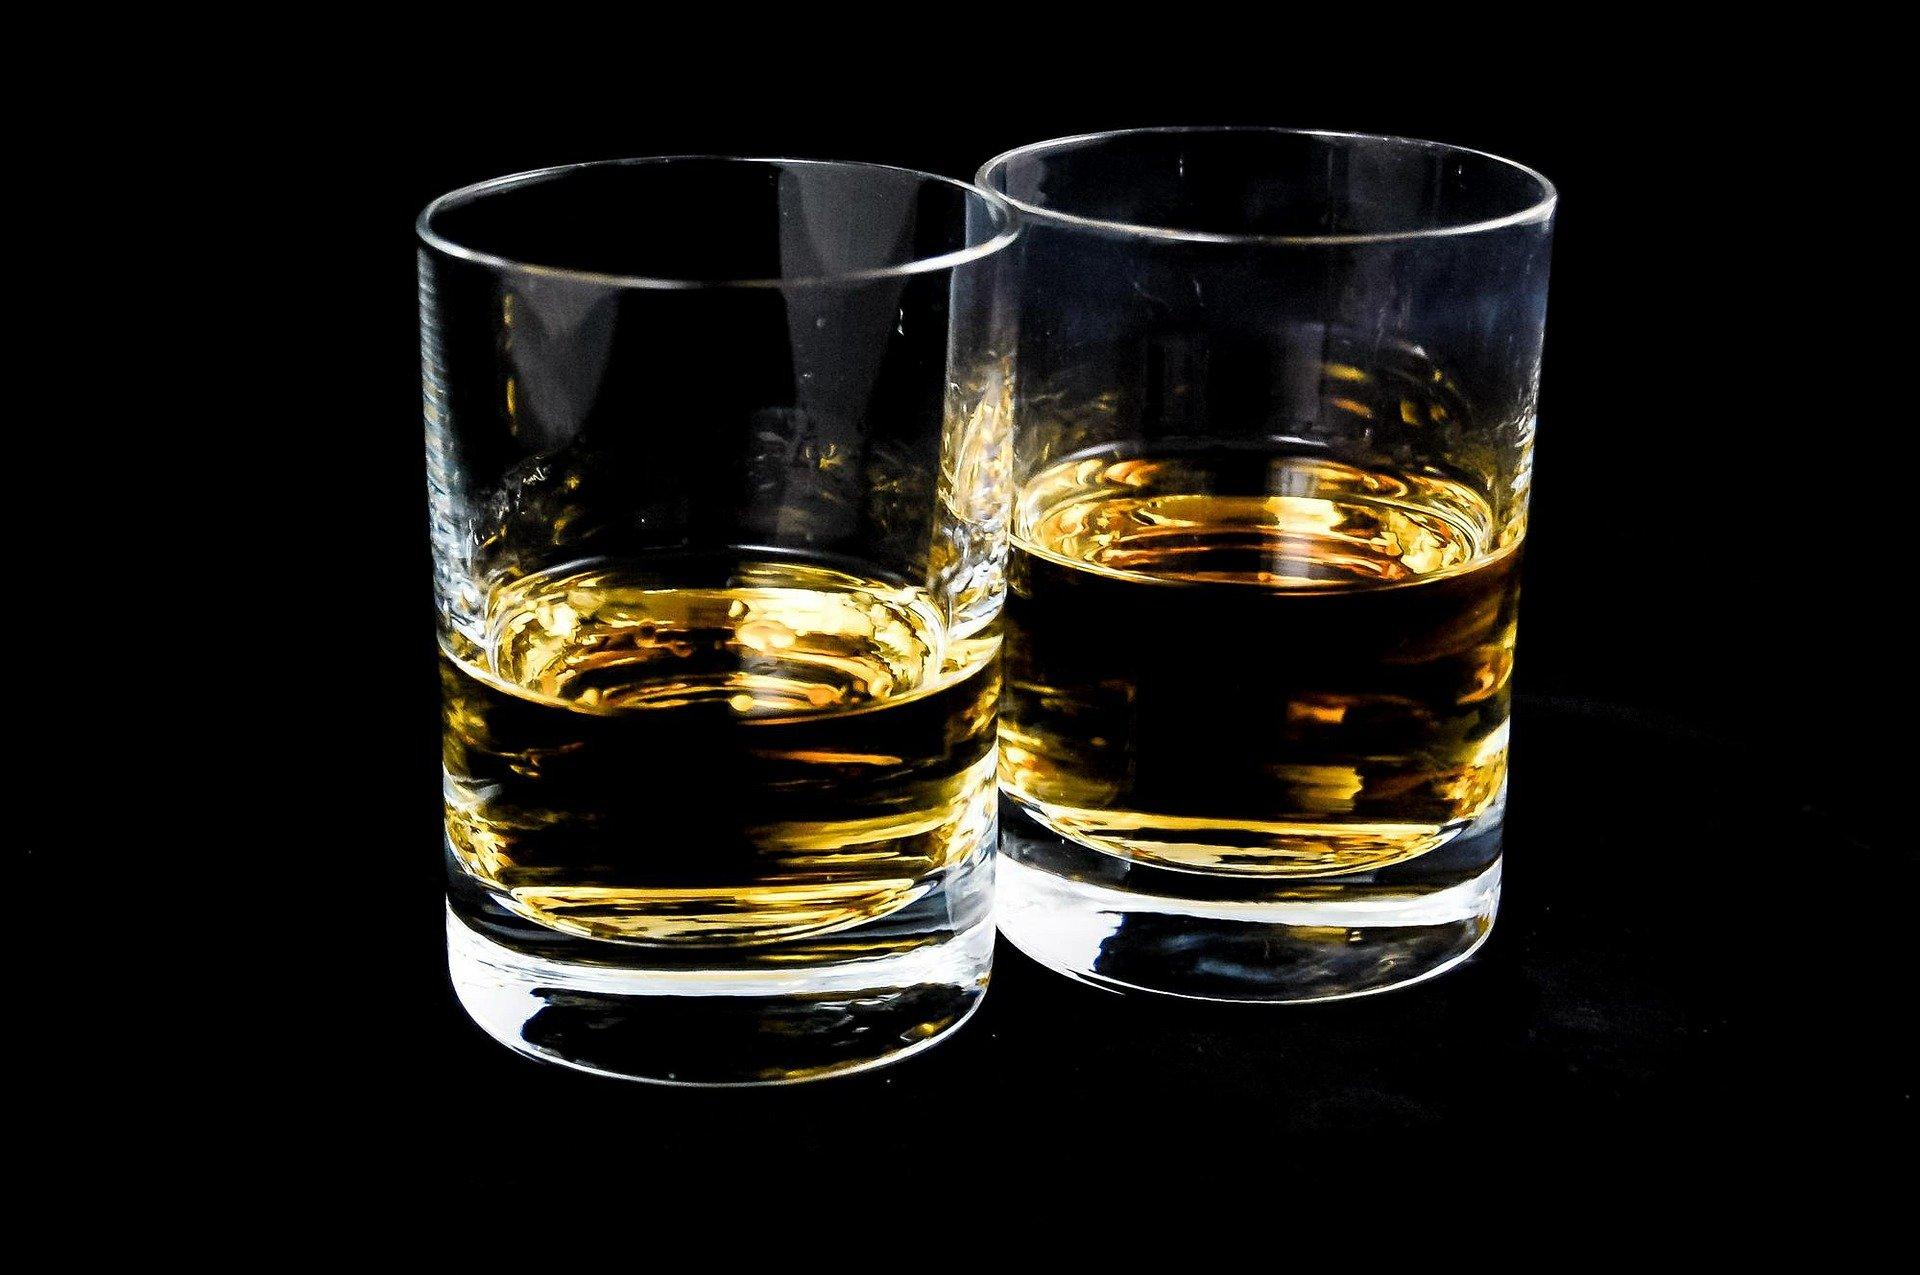 В России хотят разрешить продажу крепкого алкоголя с 21 года, а не с 18, как сейчас